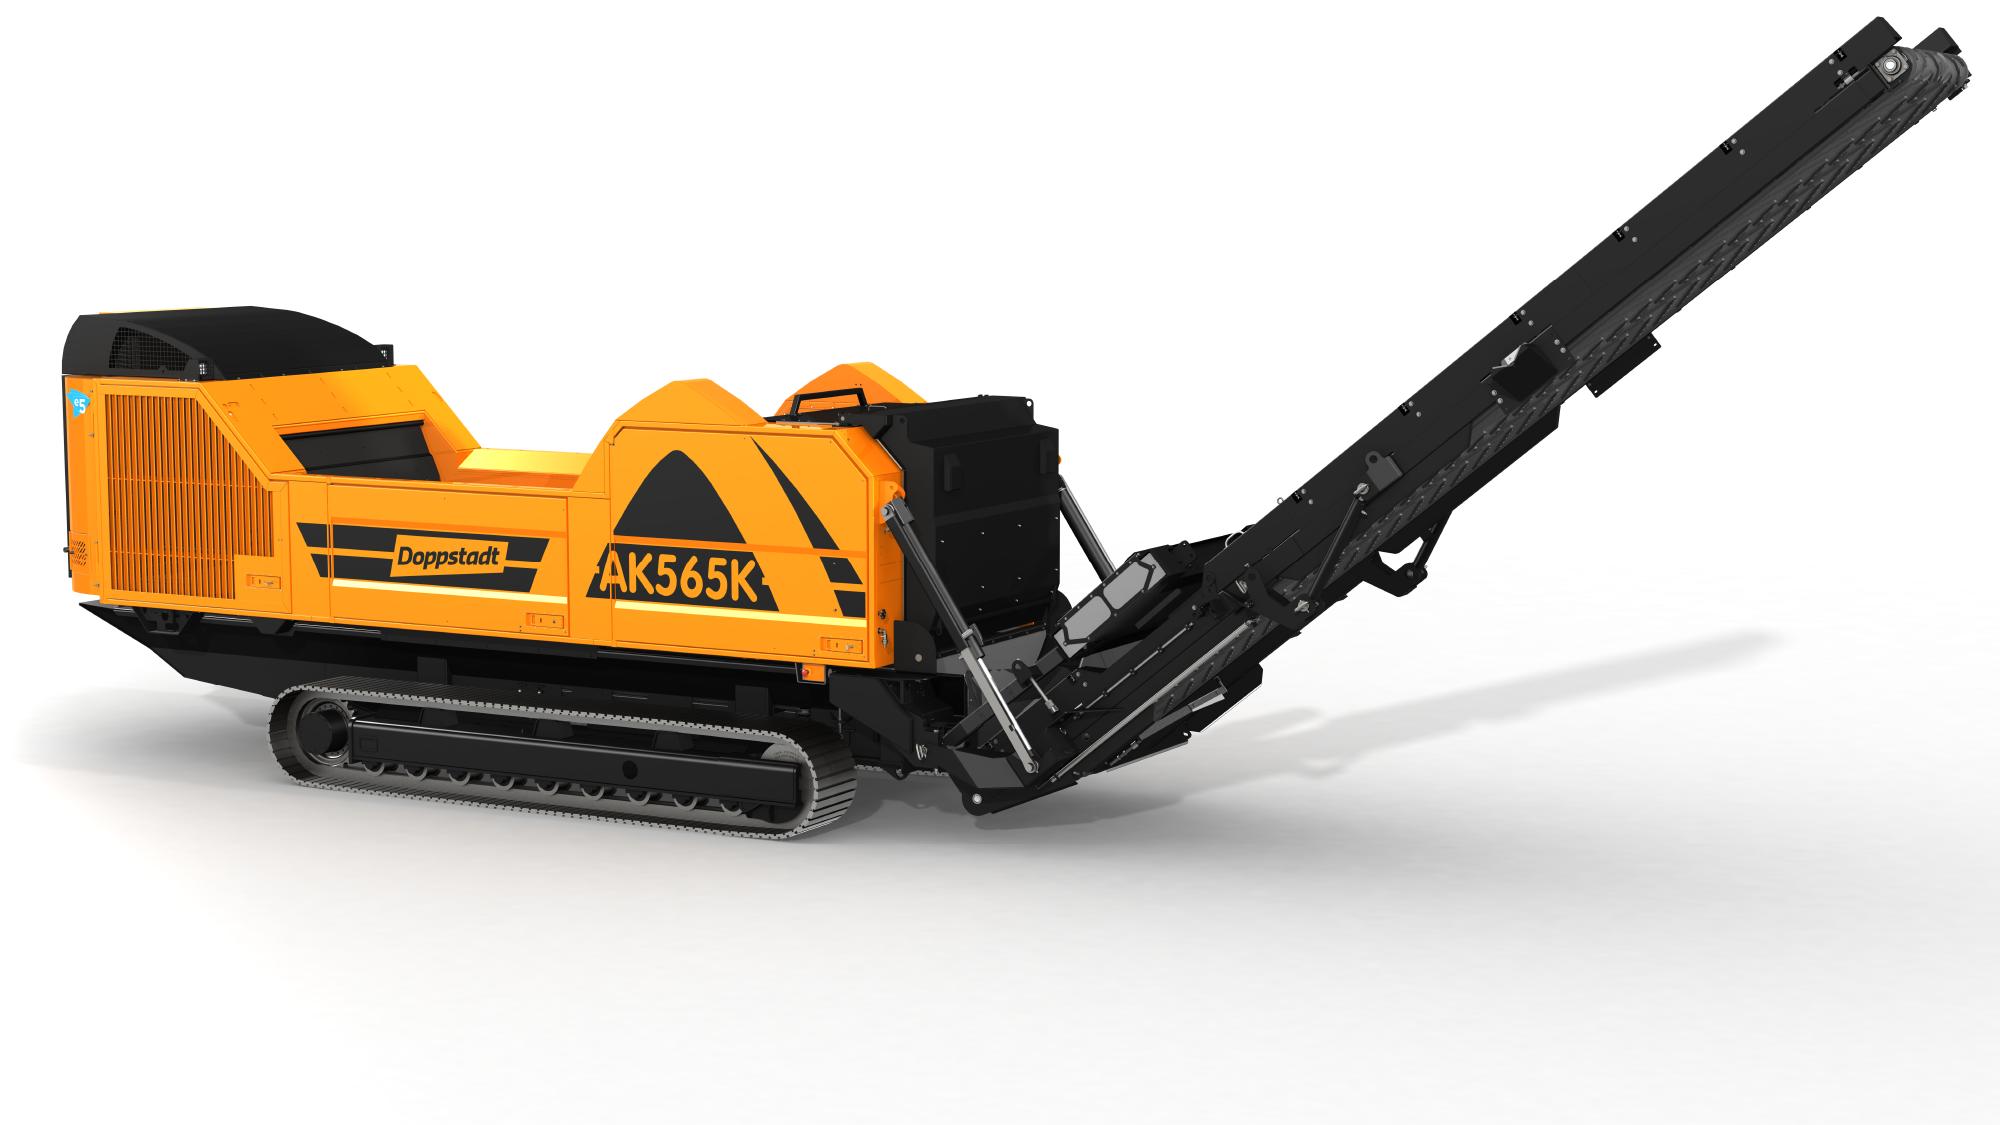 木材用大型破砕機ドップシュタット製 AK565K